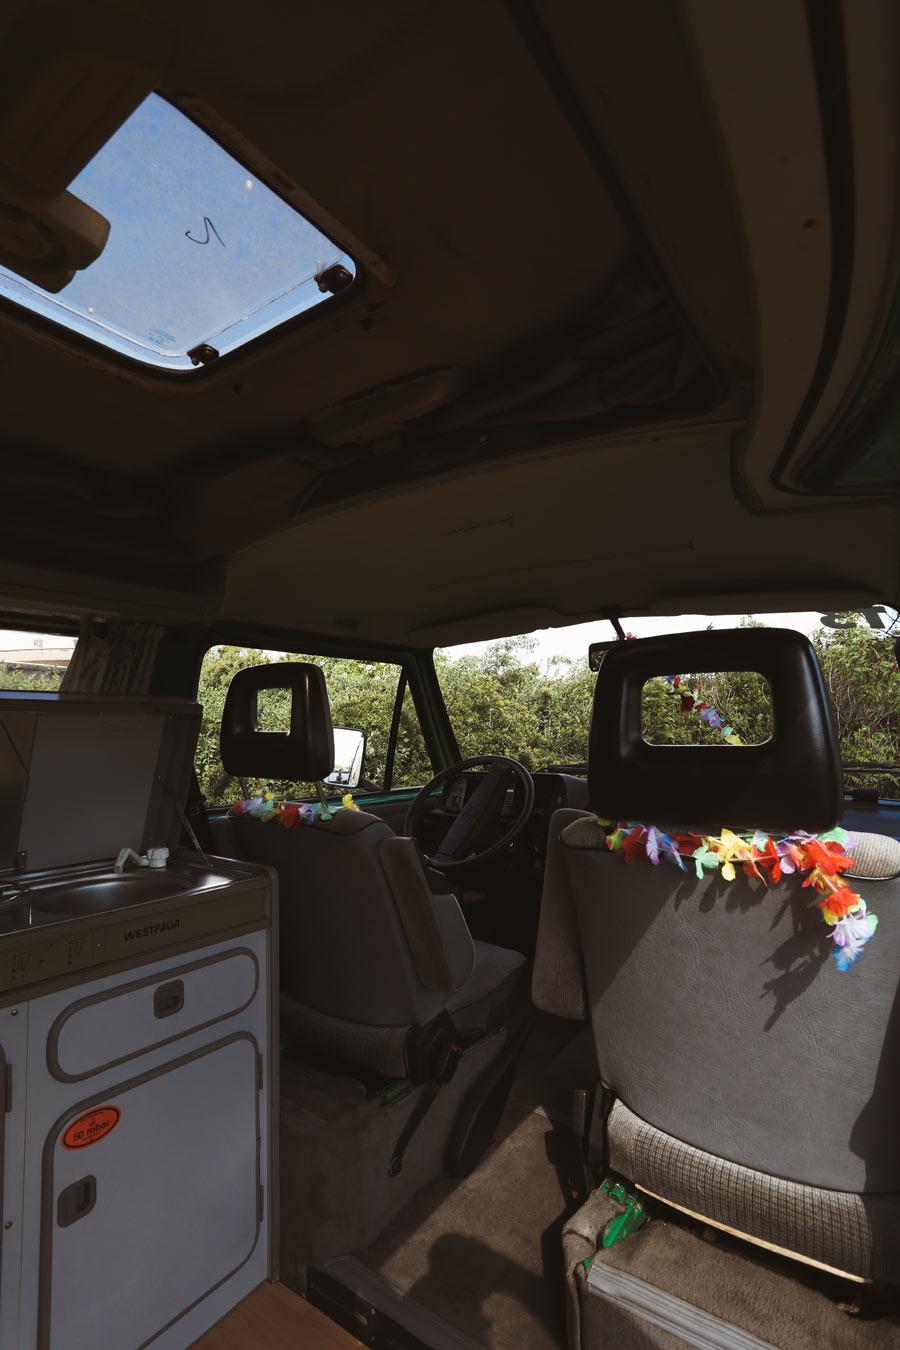 BulliHoliday VW Camper mieten Perle - Wohnraum mit einem Schwenk nach rechts